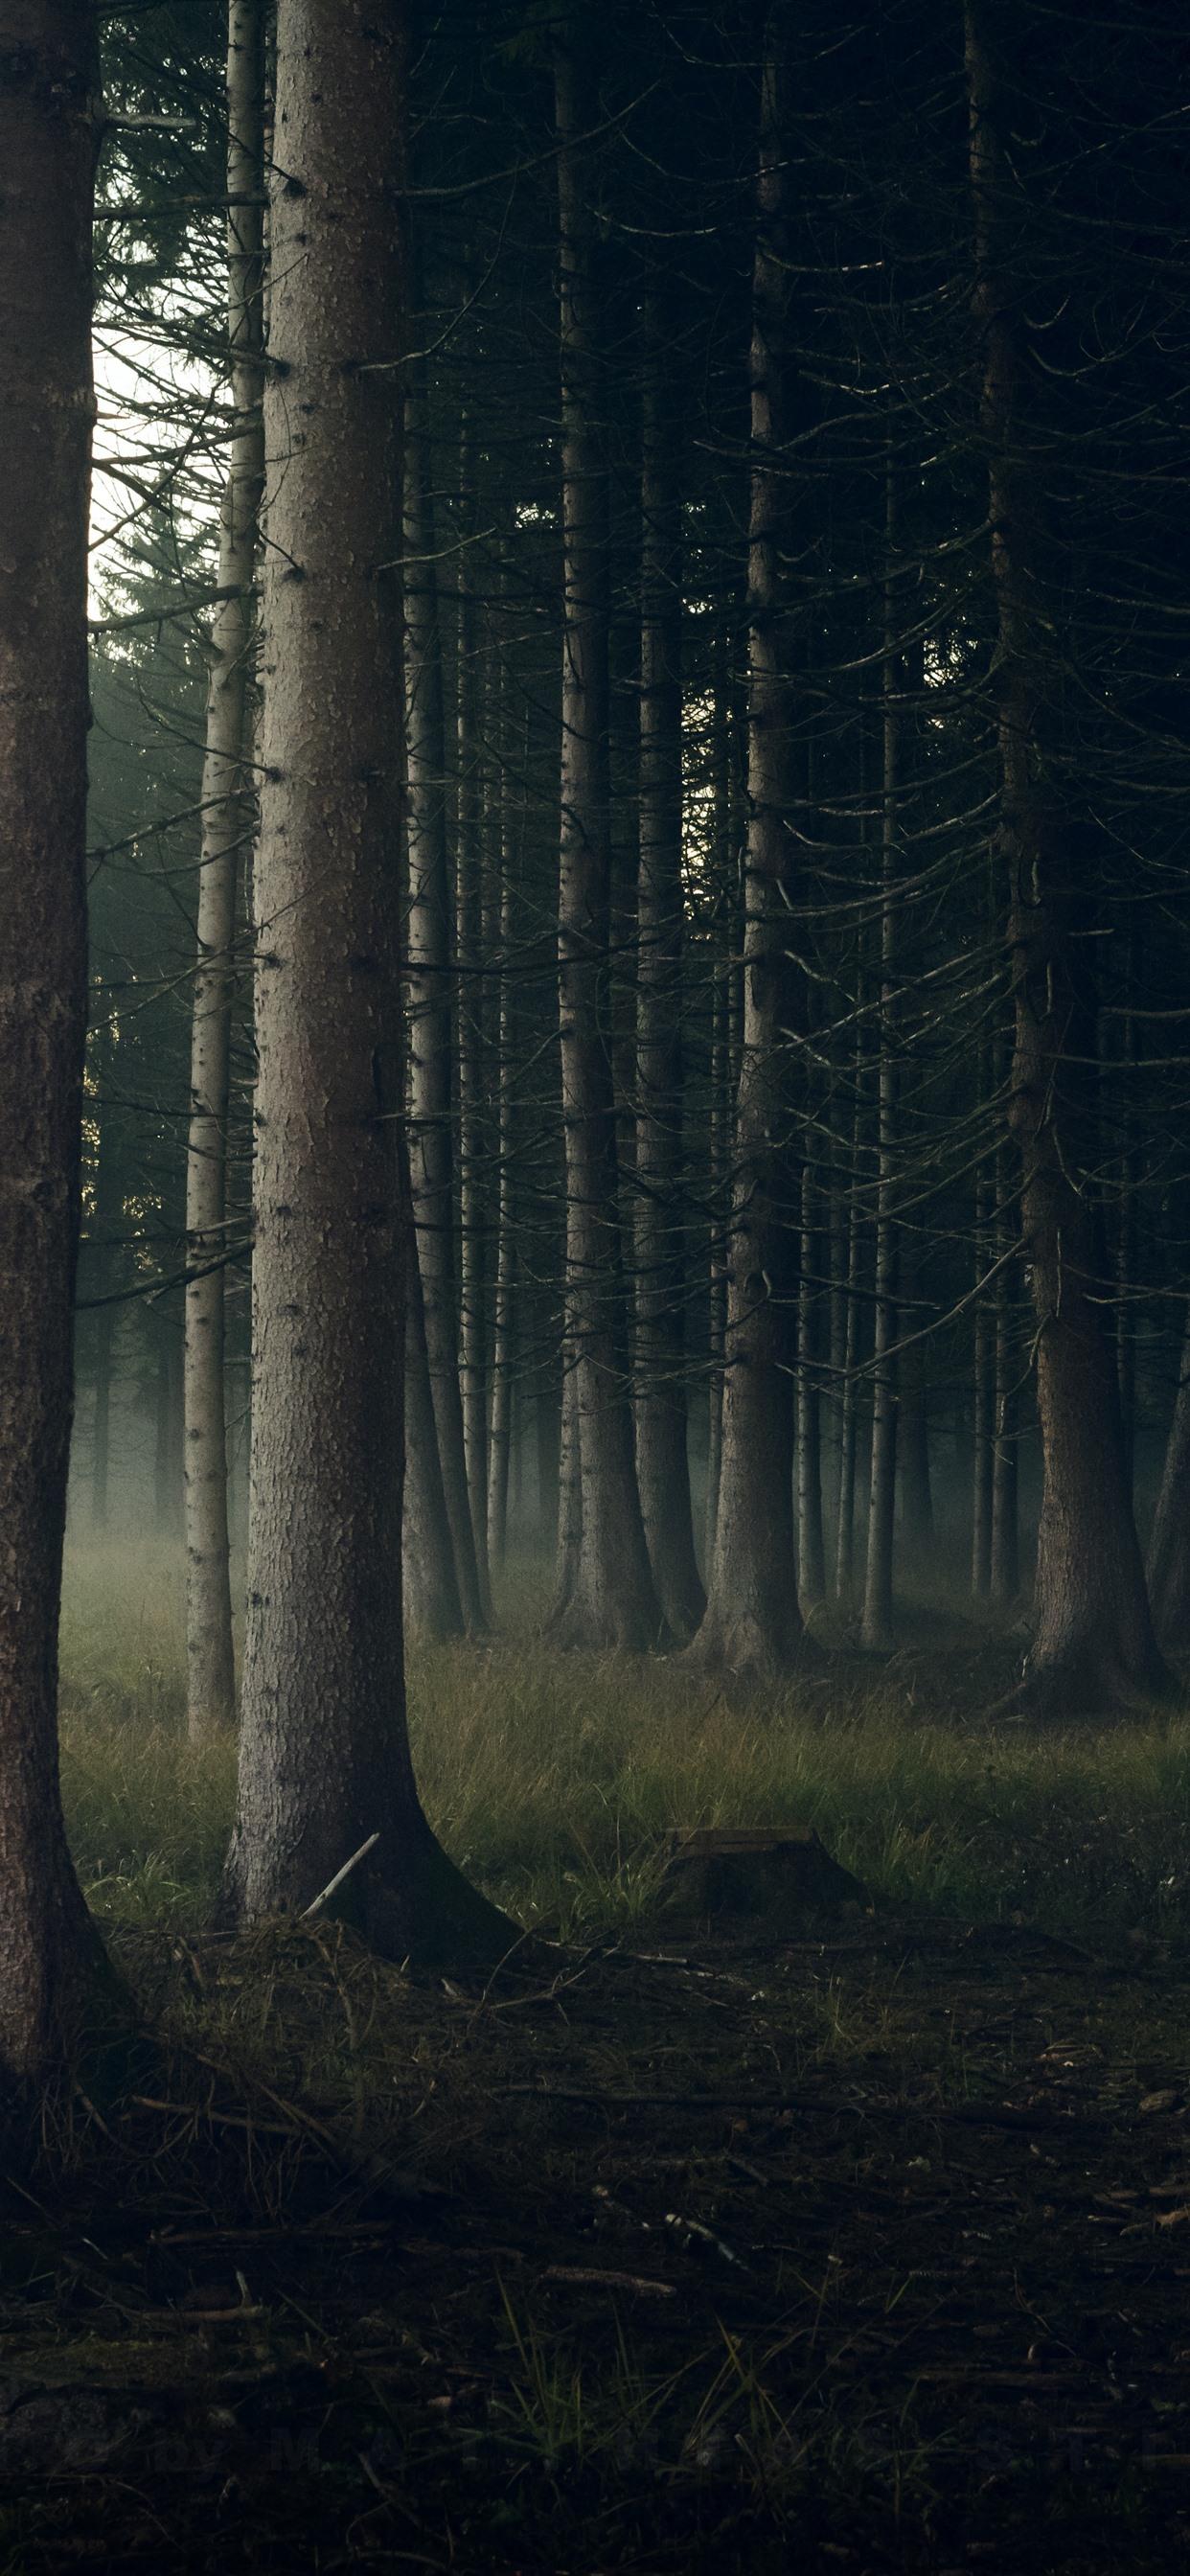 Iphone Wallpaper Forest, Trunks, Fog, Morning - Iphone Xs Max Wallpaper Forest - HD Wallpaper